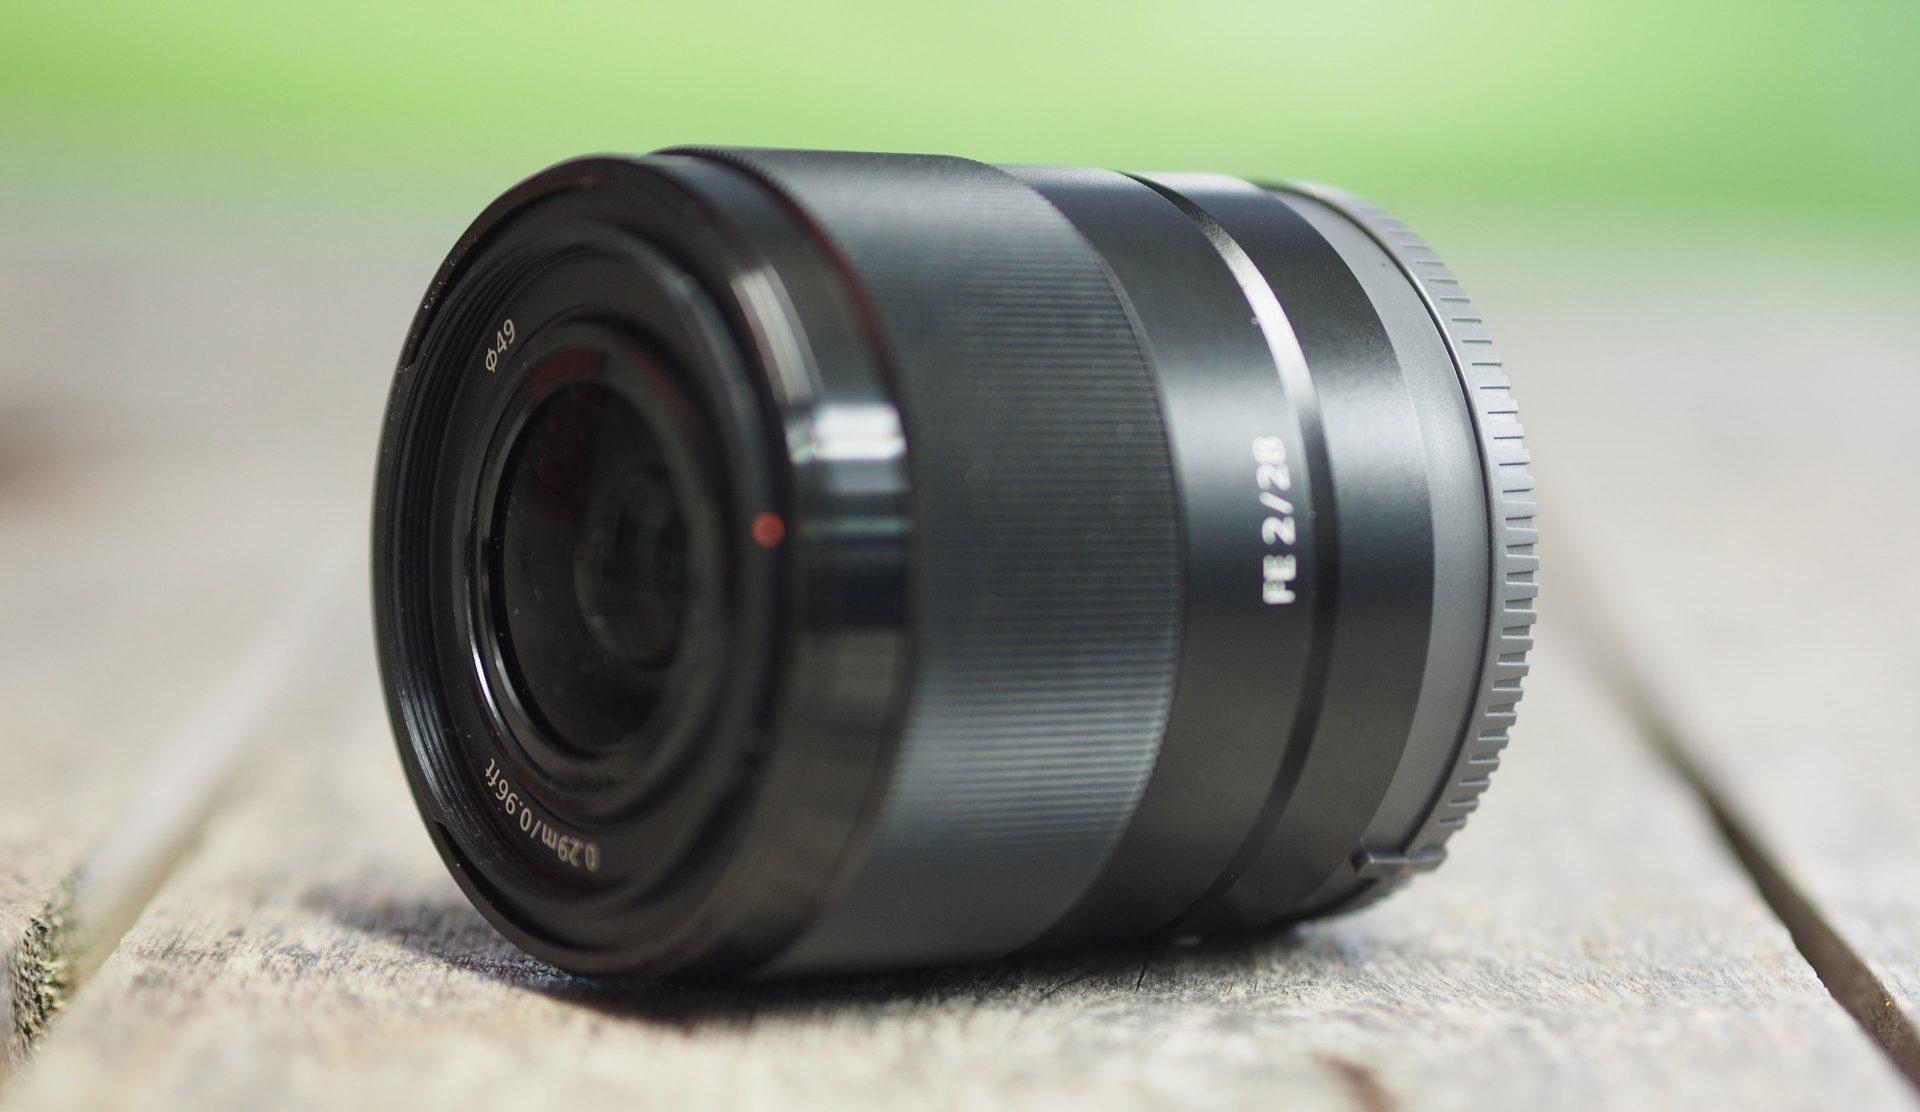 Sony-fe-28mm-f2-header